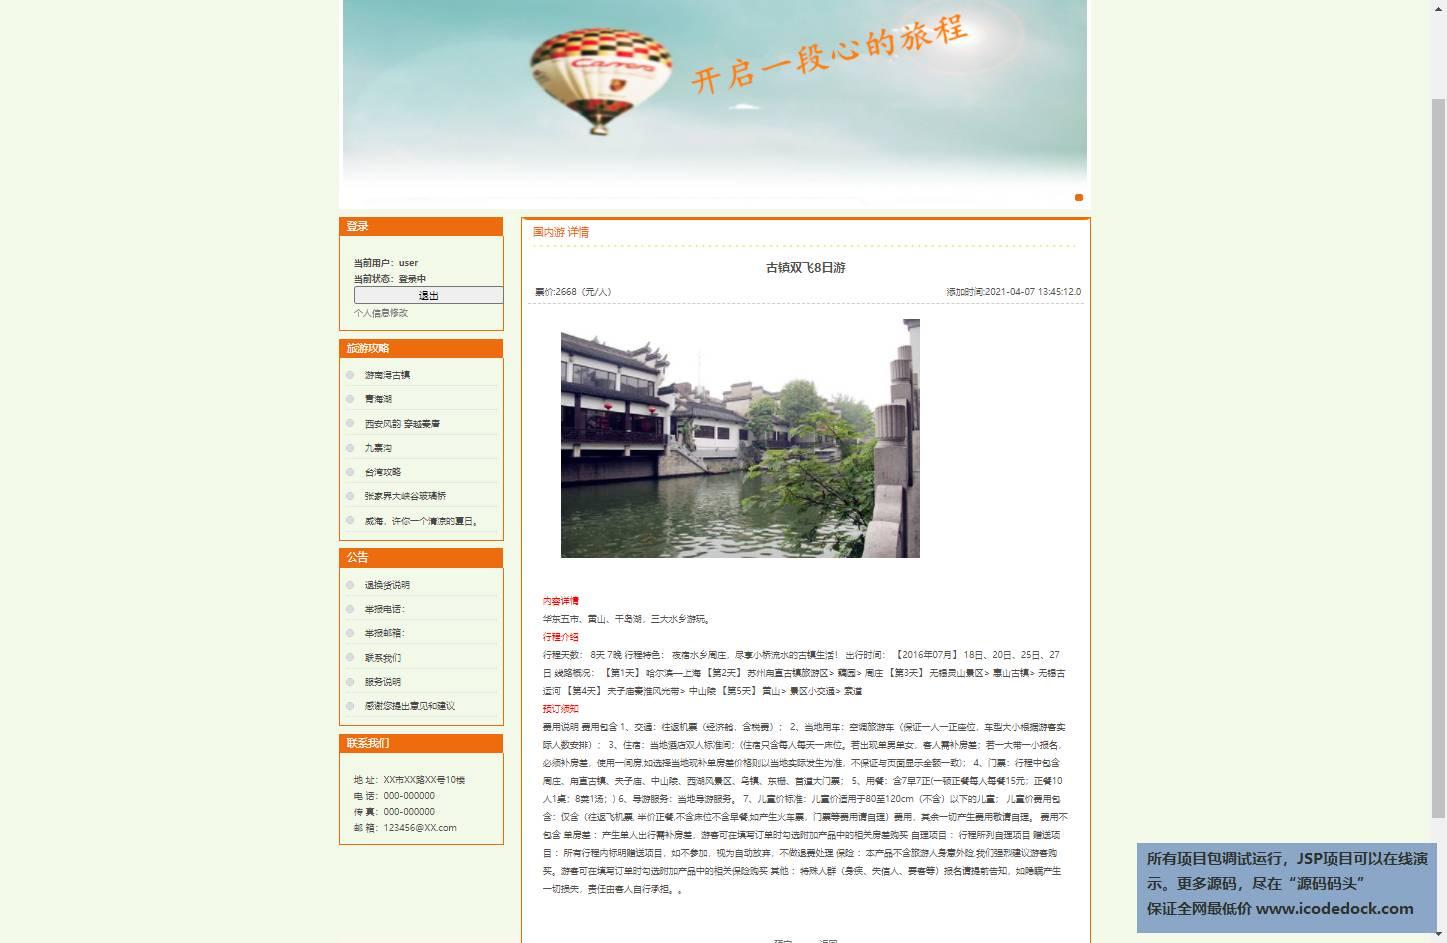 源码码头-SSH实现在线旅游网站-用户角色-查看旅游页详情